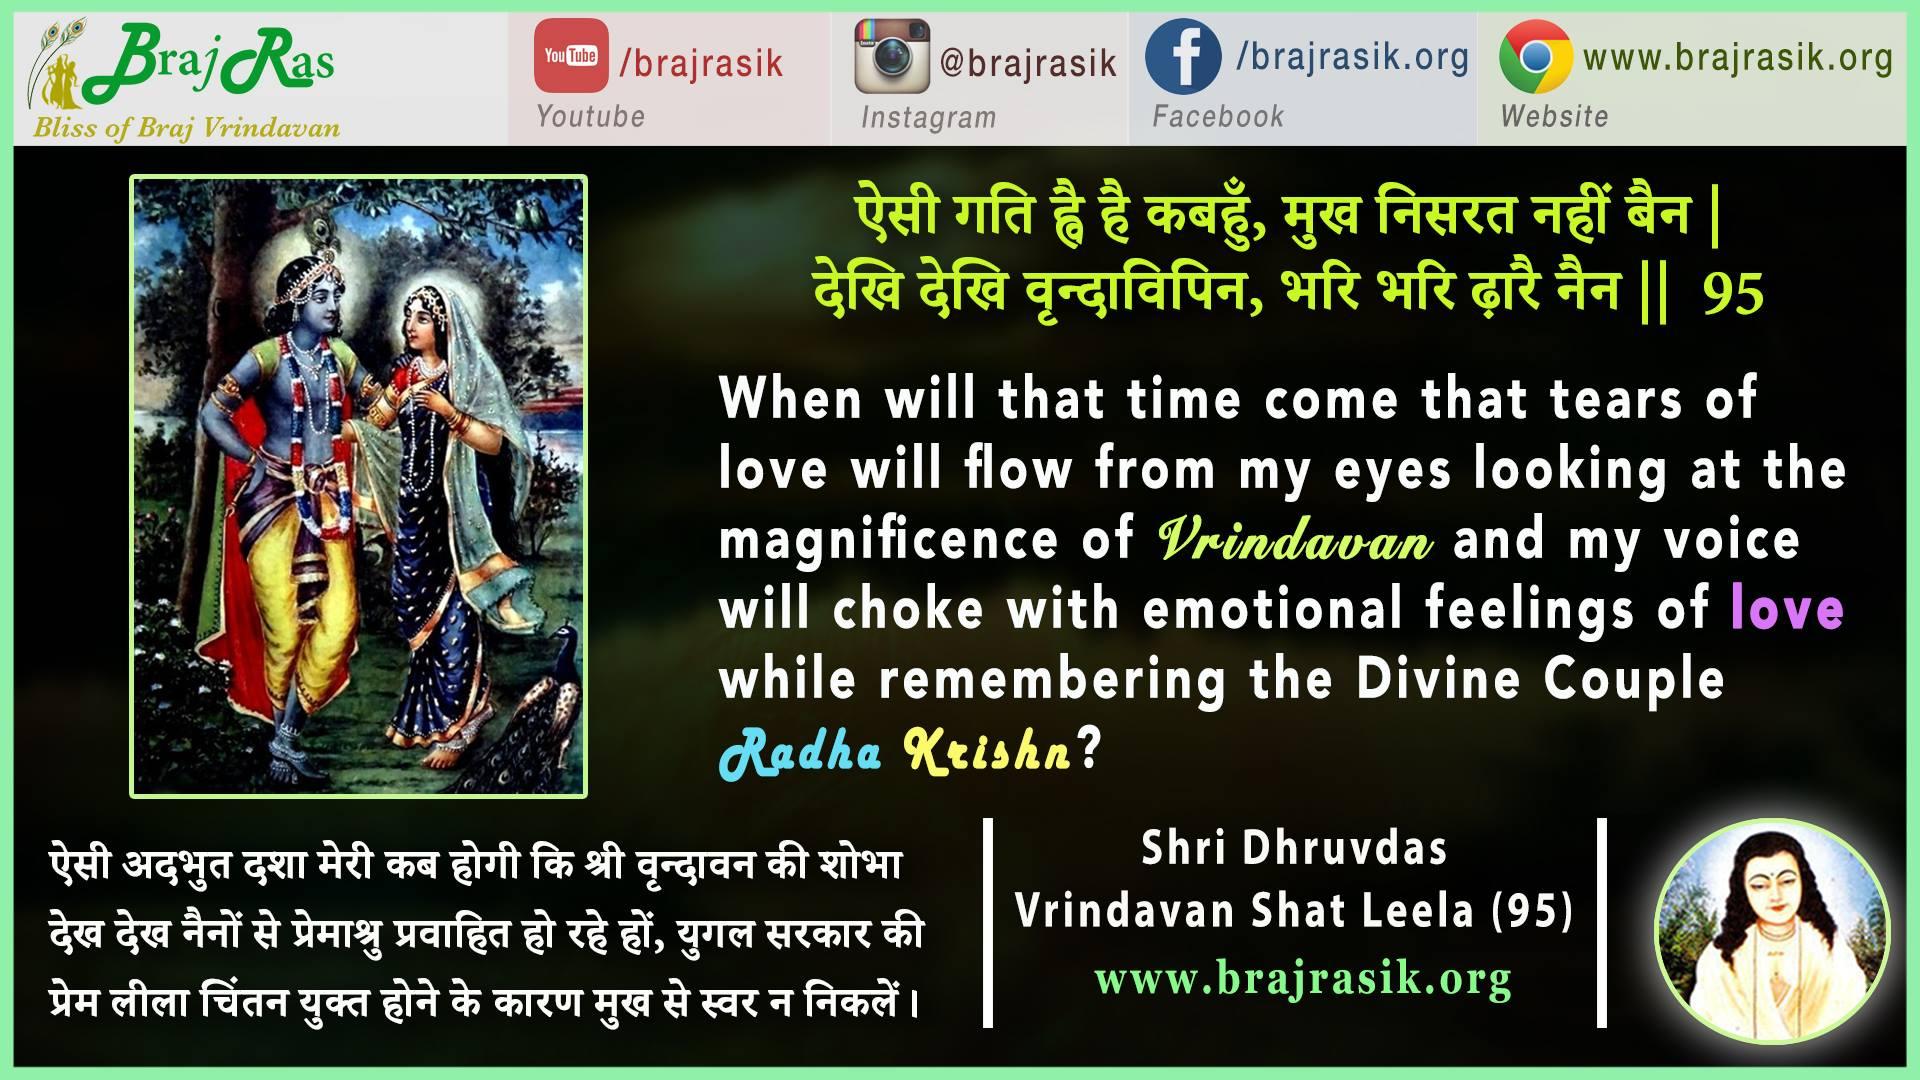 Aisi Gati Hvai Hai Kabhu, Mukh Nisarat Nahin Bain - Shri Dhruvdas, Vrindavan Shat Leela